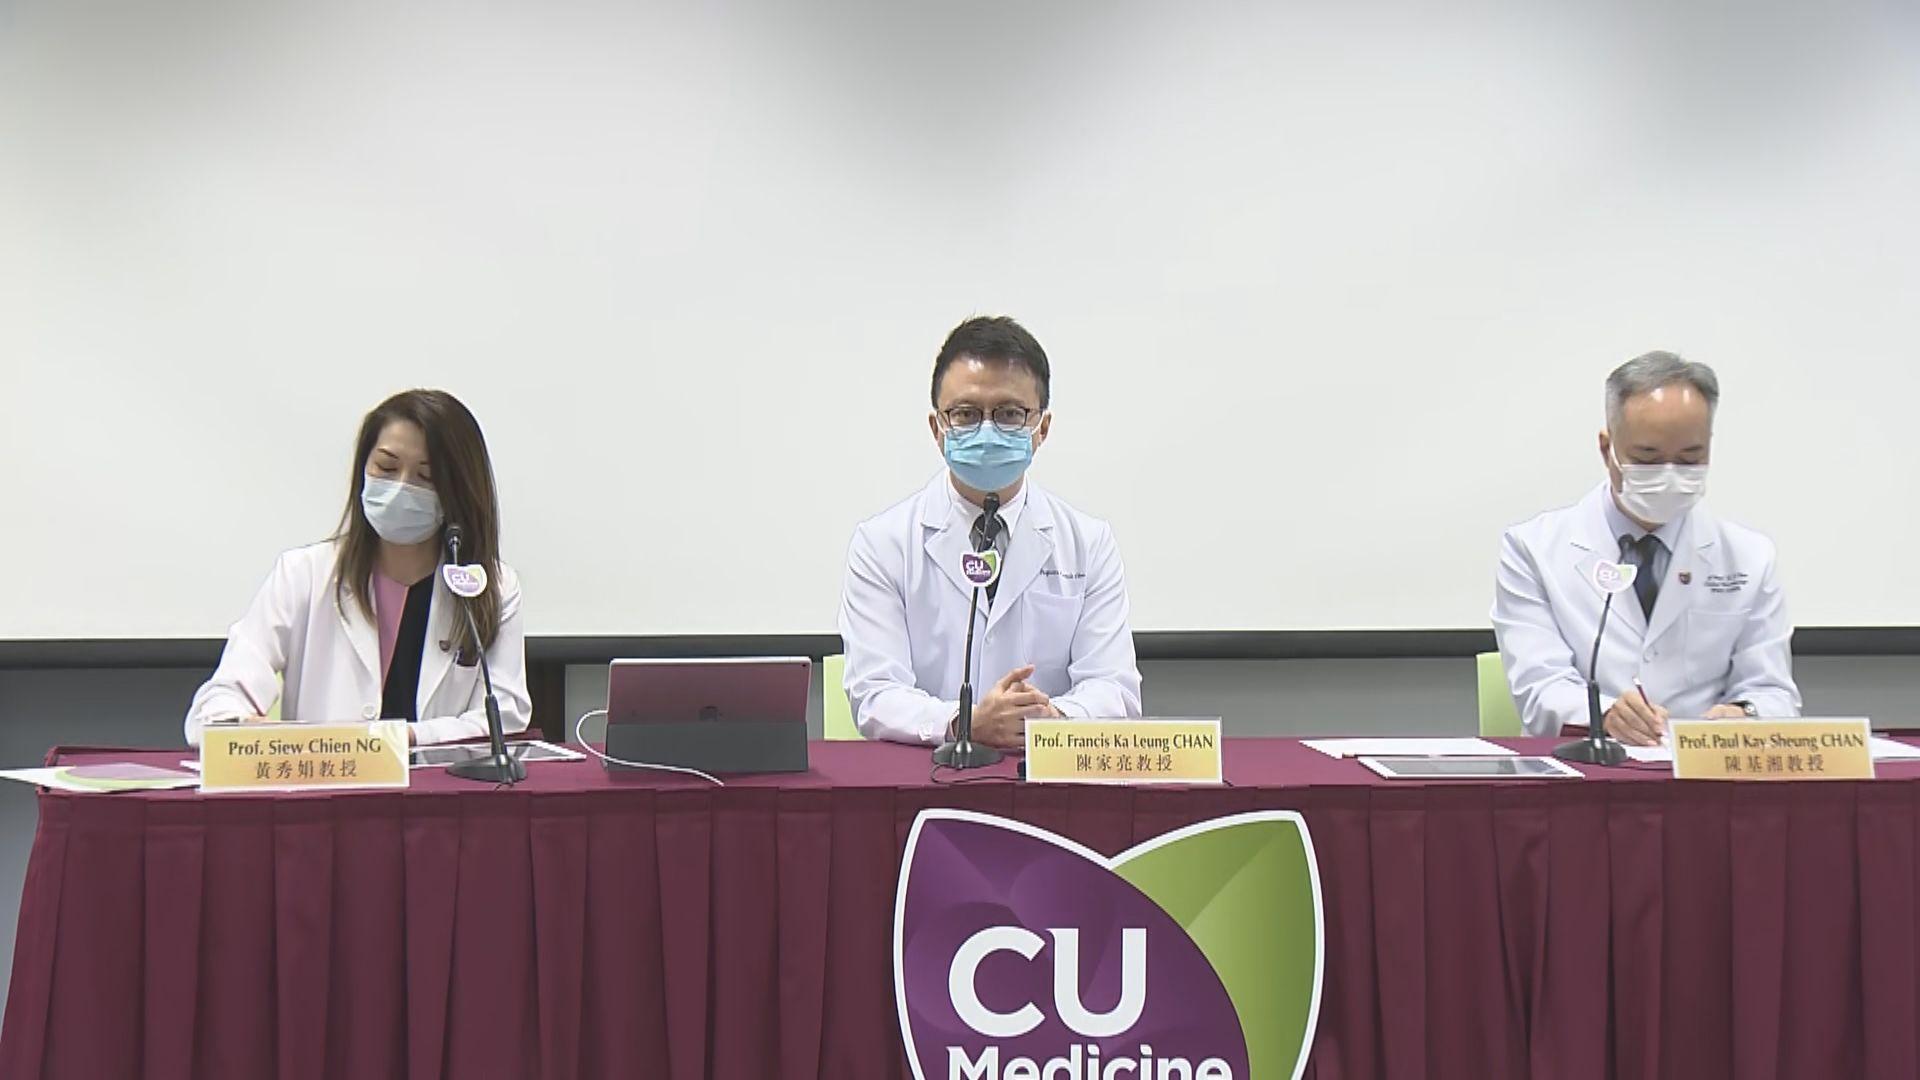 中大醫學院:患者出院後須作監測 避免出現糞便傳播